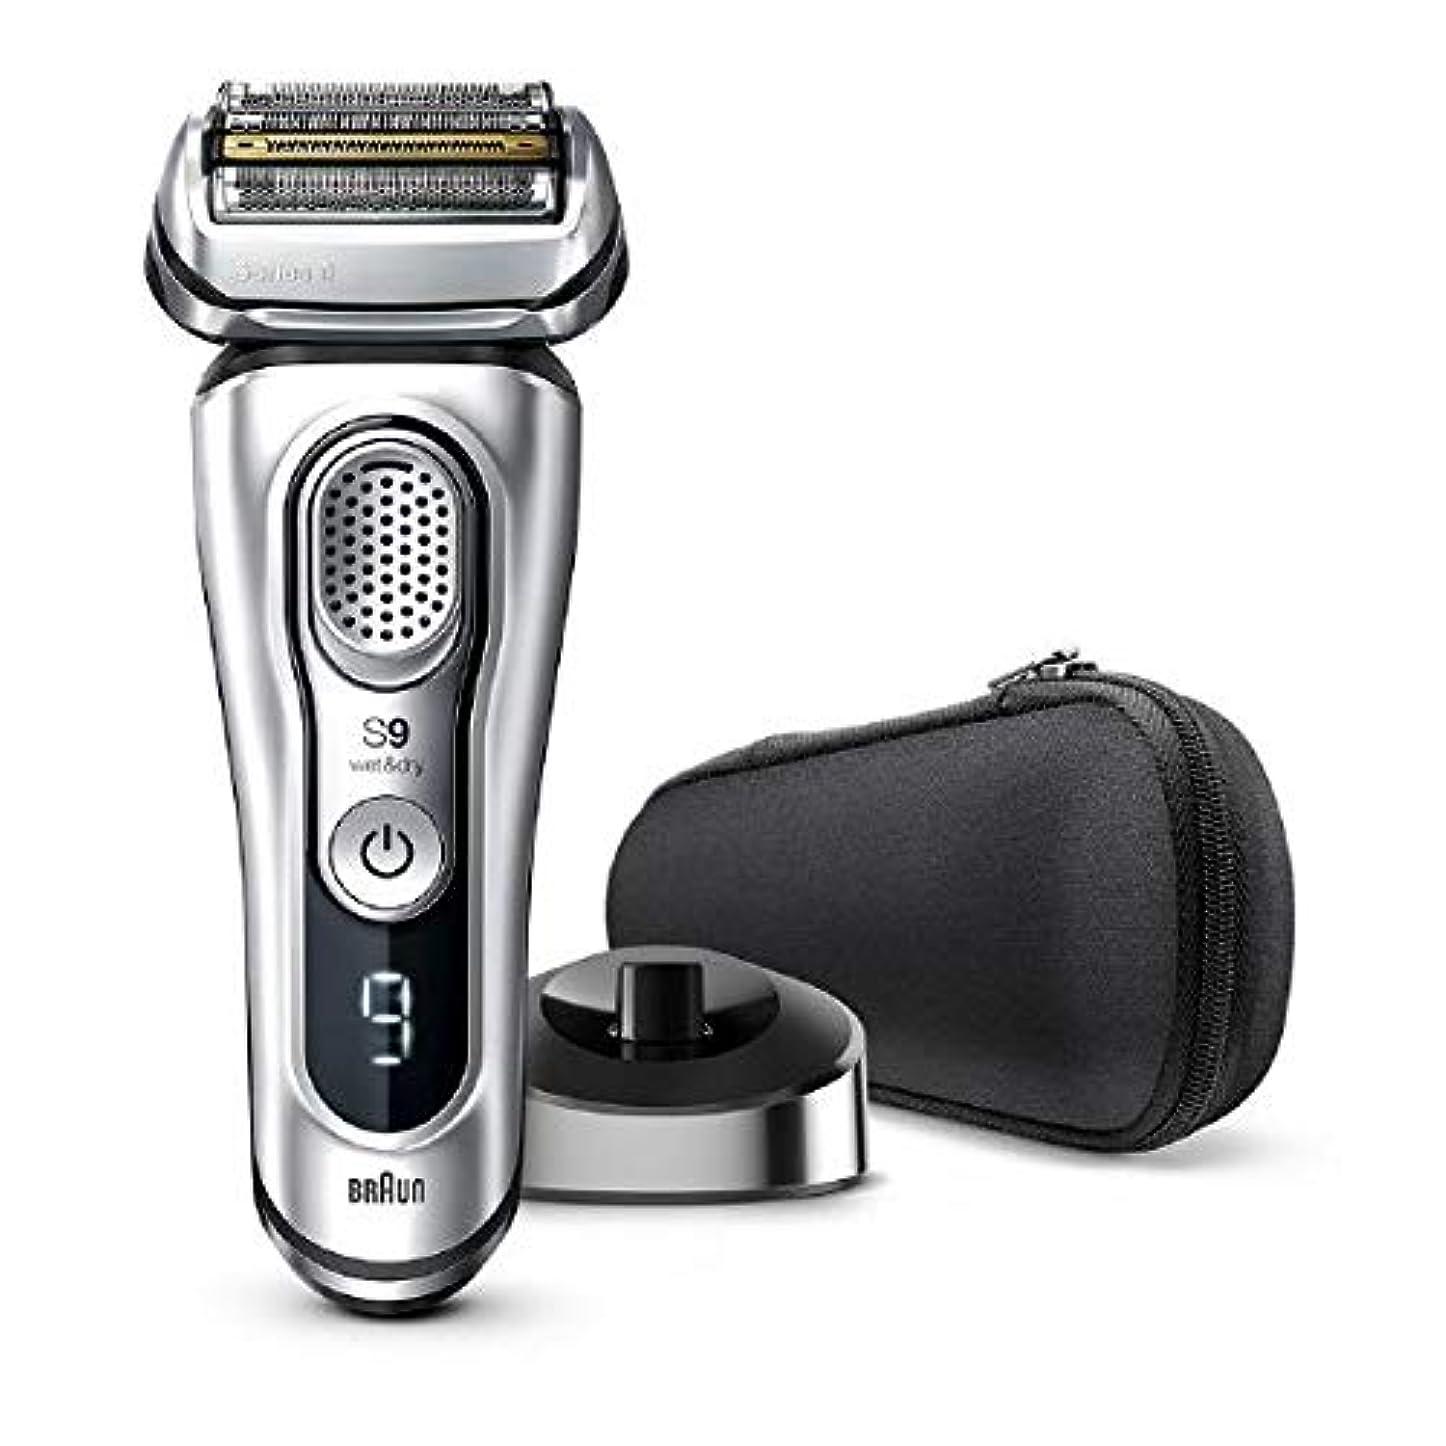 コンピュータープレビュー出発ブラウン メンズ電気シェーバー シリーズ9 5カットシステム 水洗い/お風呂剃り可 9345s